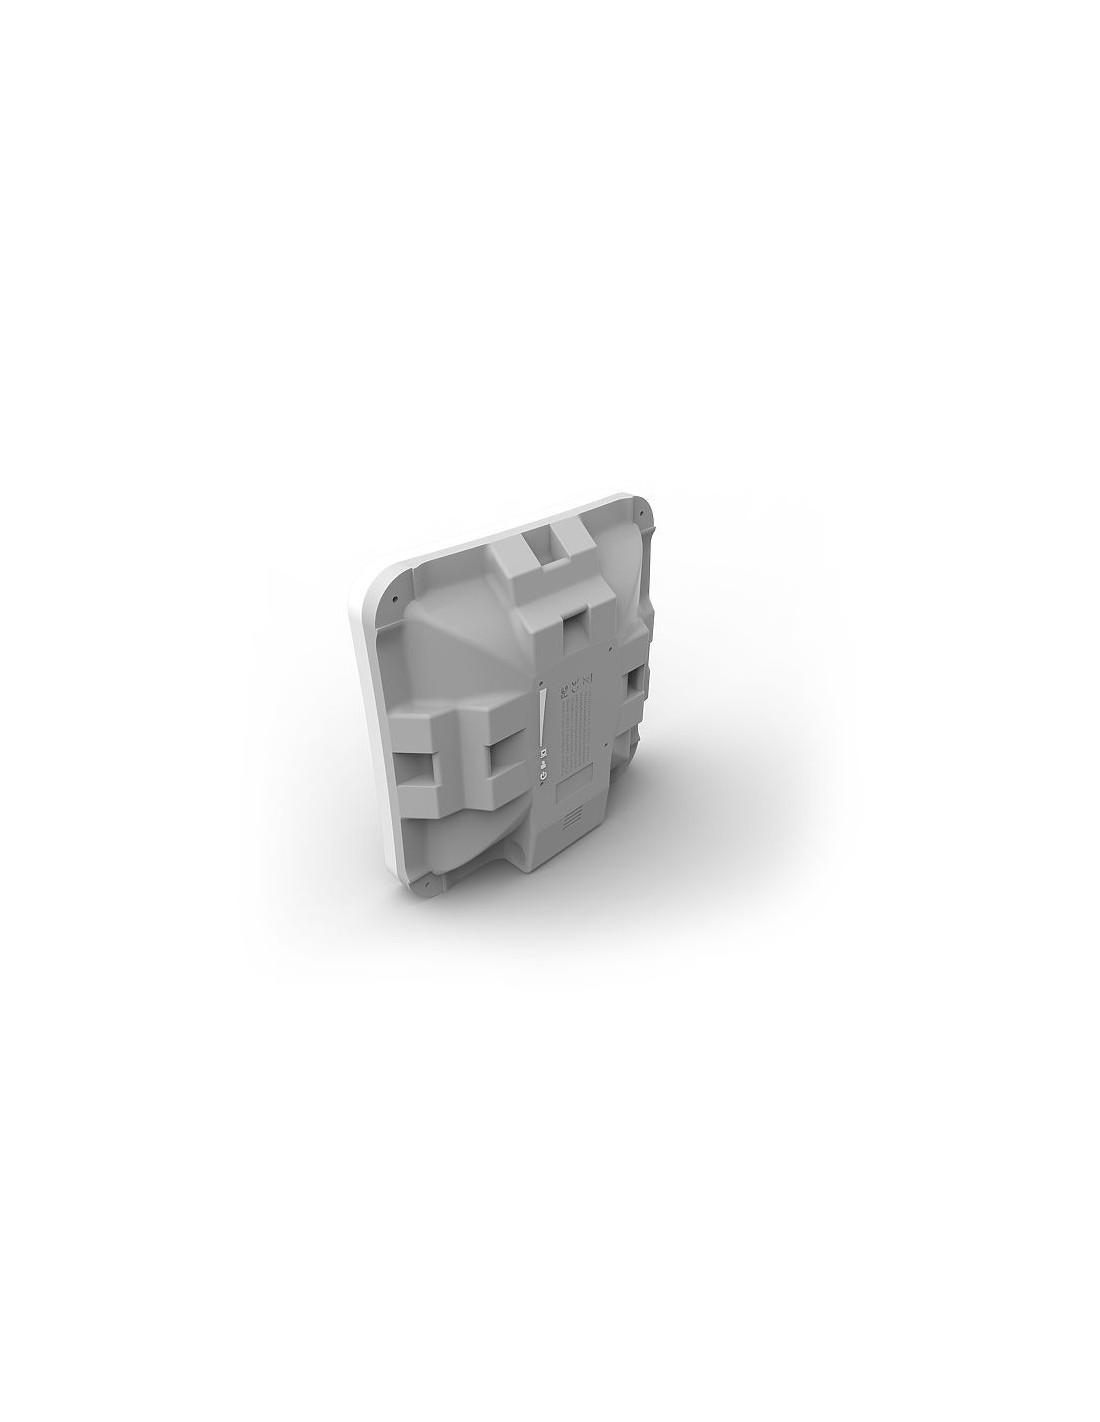 Senao 600mW MiniPCI Wireless Card 80211abg